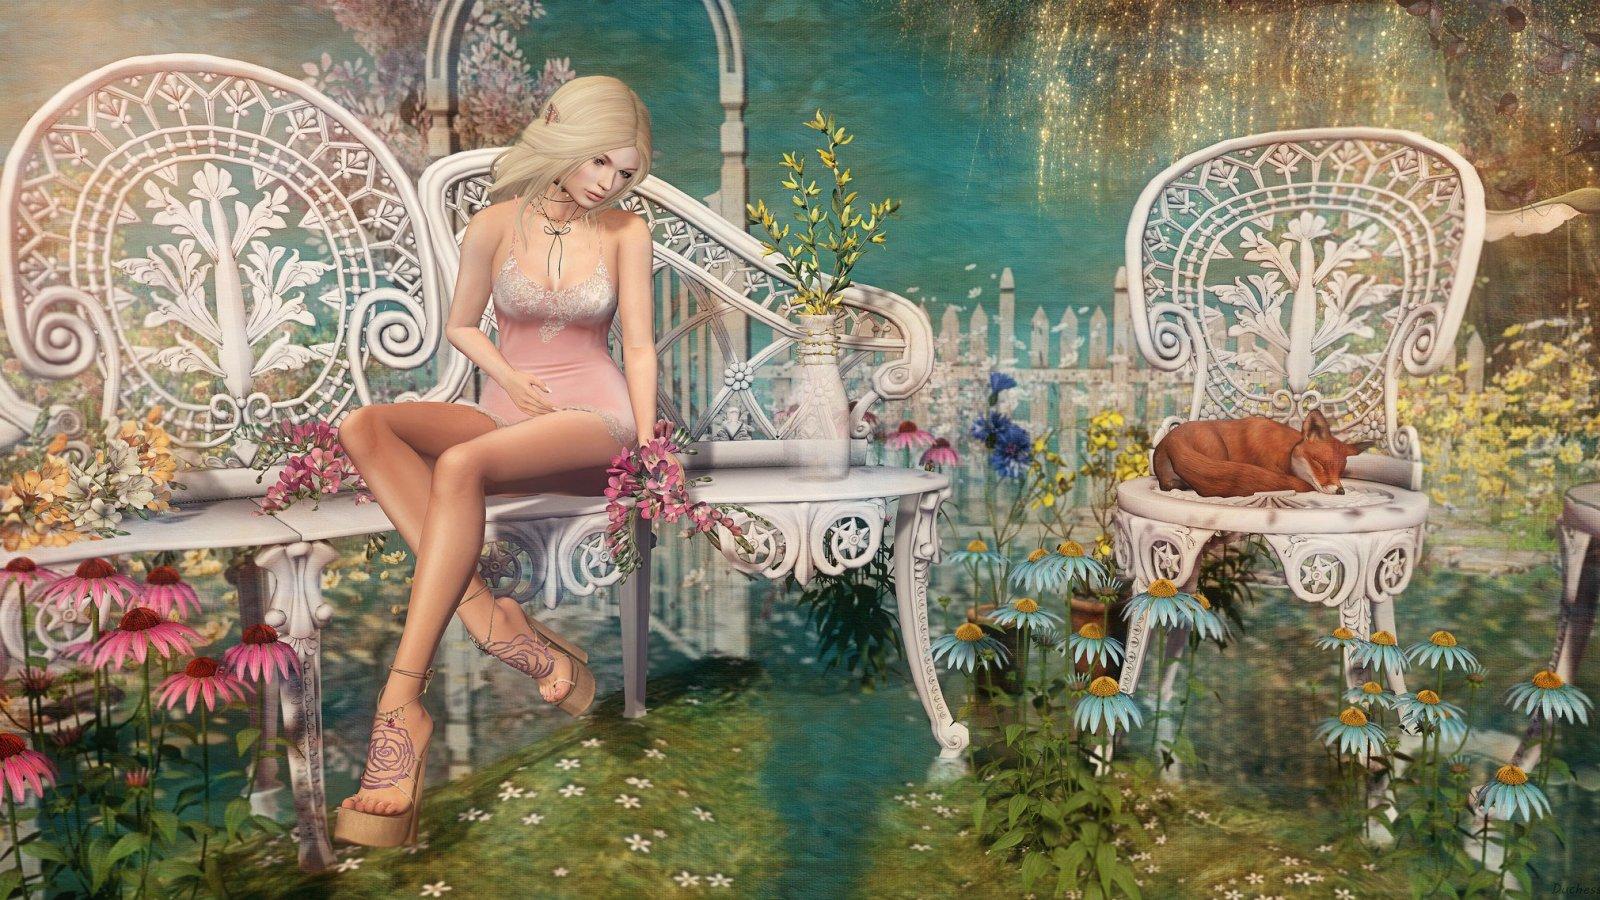 Litttlefoot & Echinacea